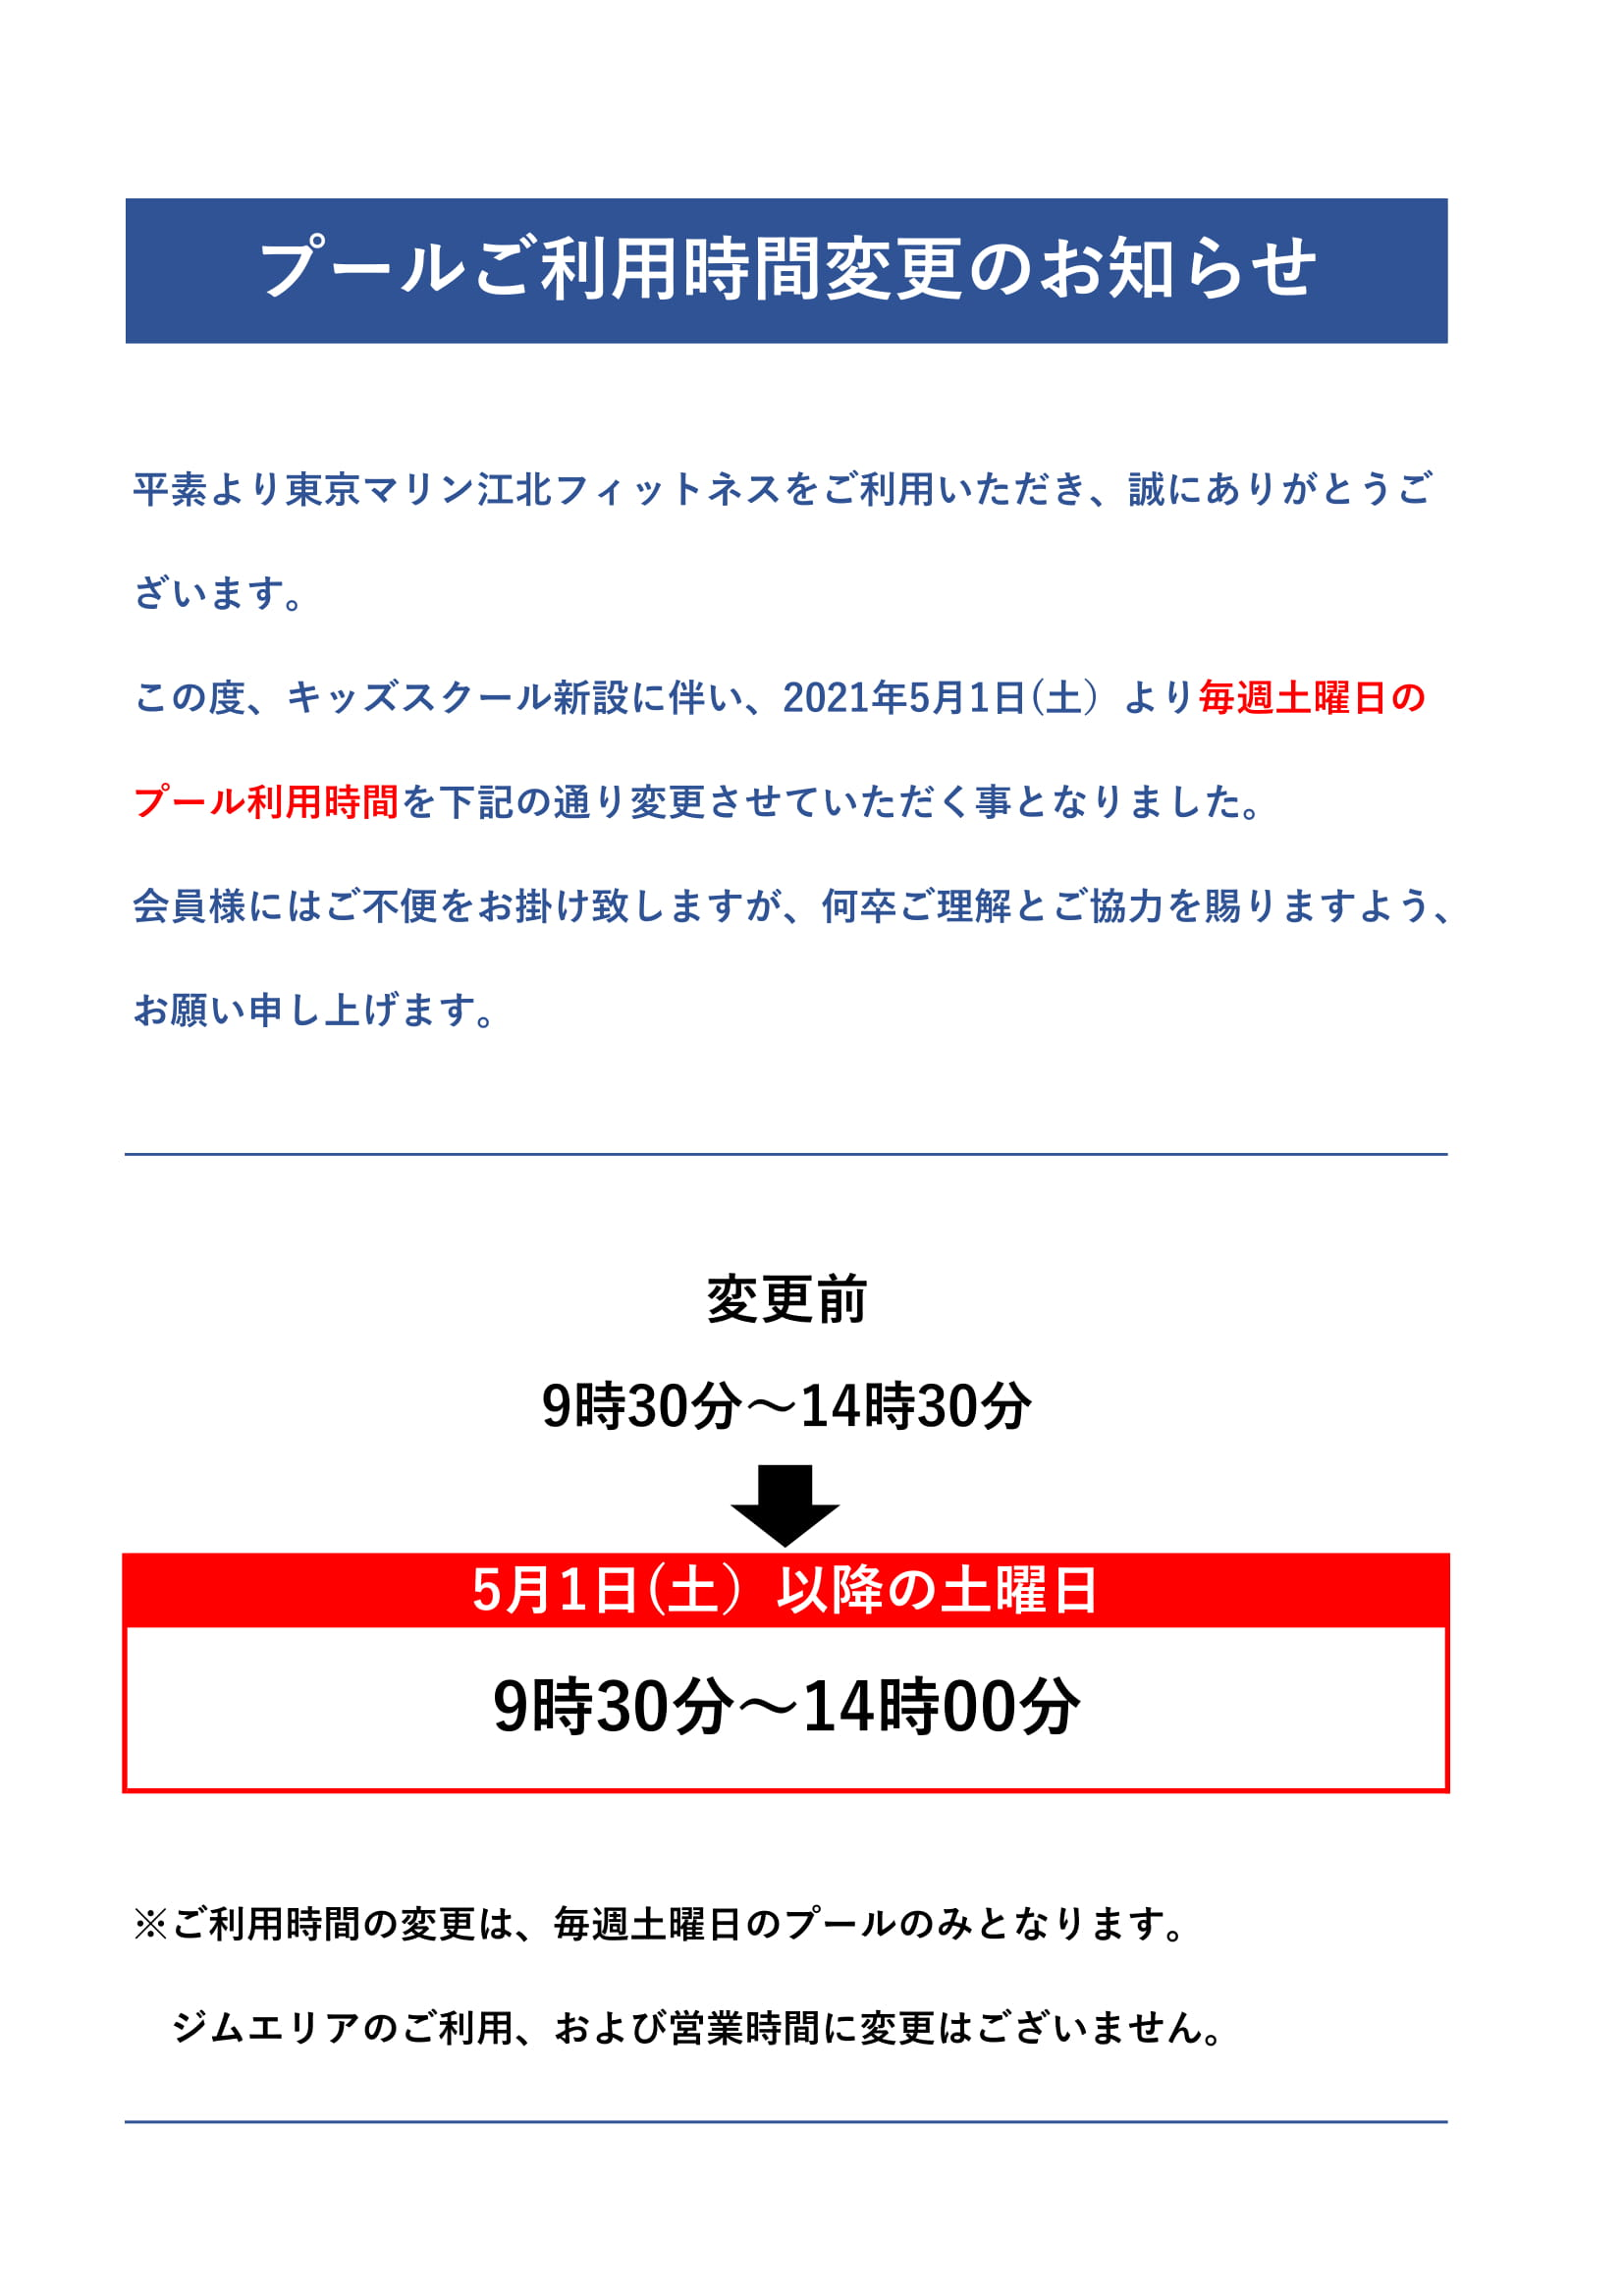 江北フィットネス プール利用時間変更のお知らせ